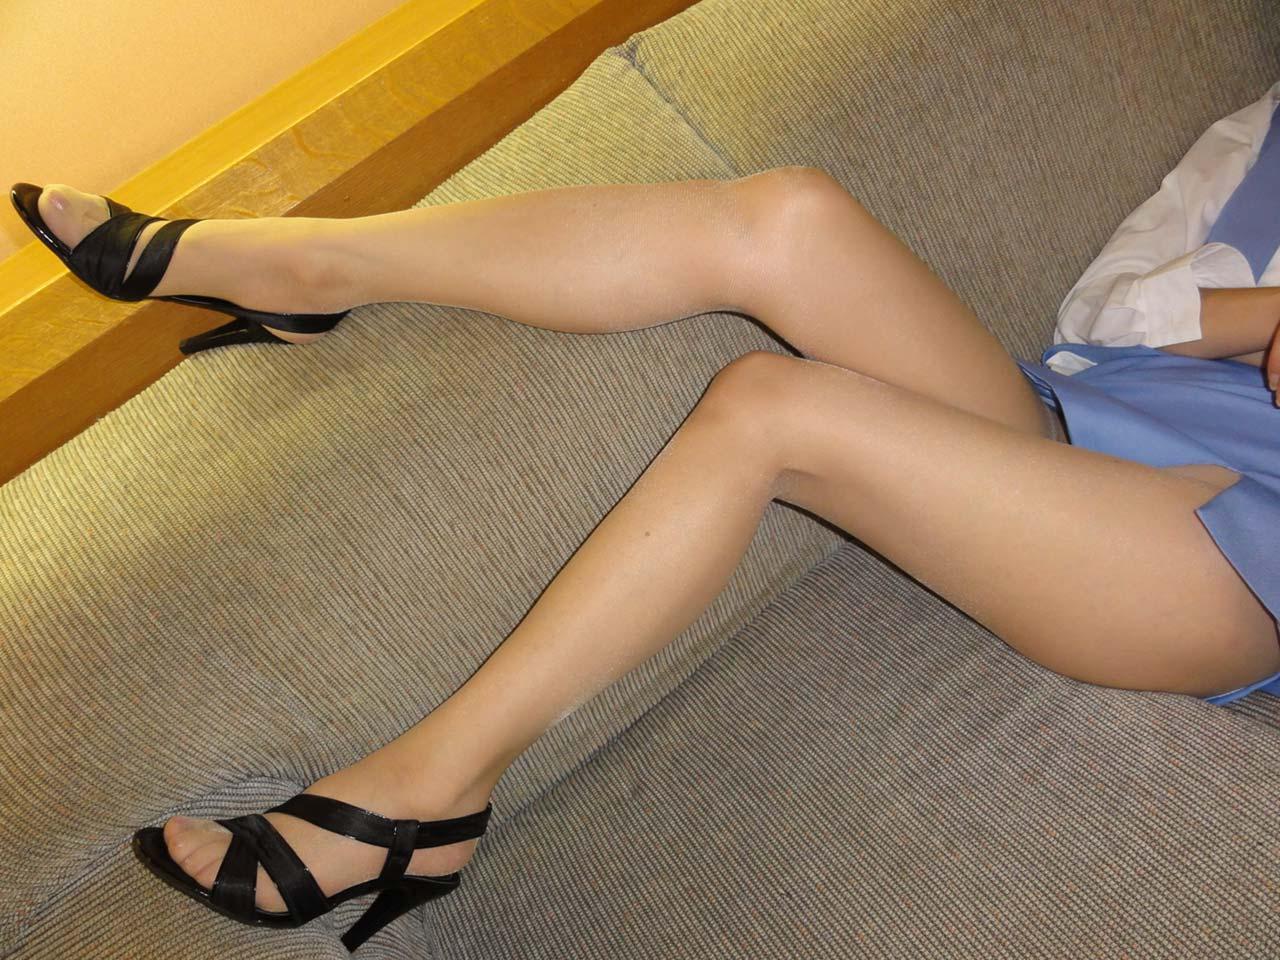 パンストにタイトスカートが超エロい!スーツを着たOLの美脚エロ画像 22